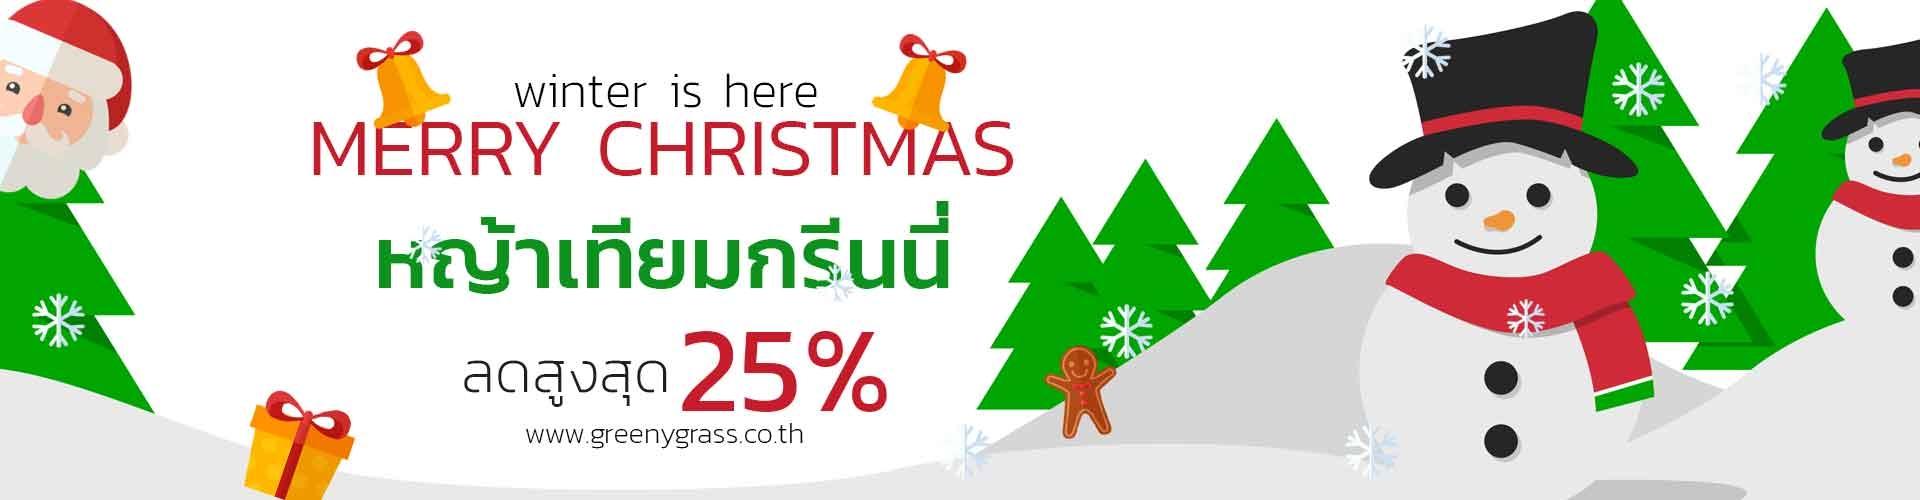 christmas up to 25%